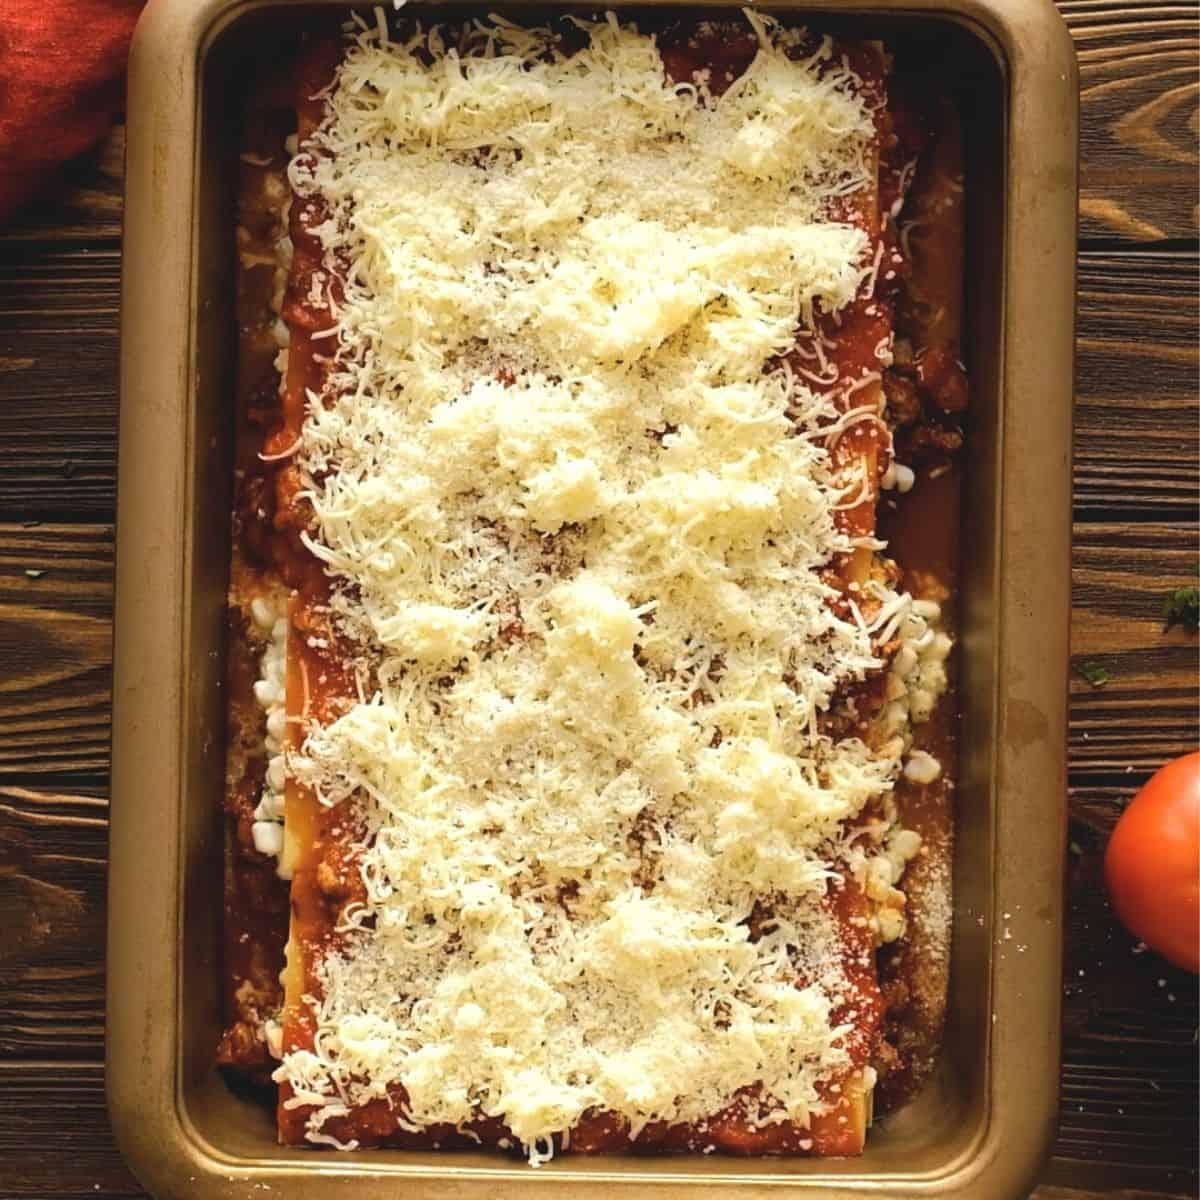 Prepared lasagna in 9x13 pan.